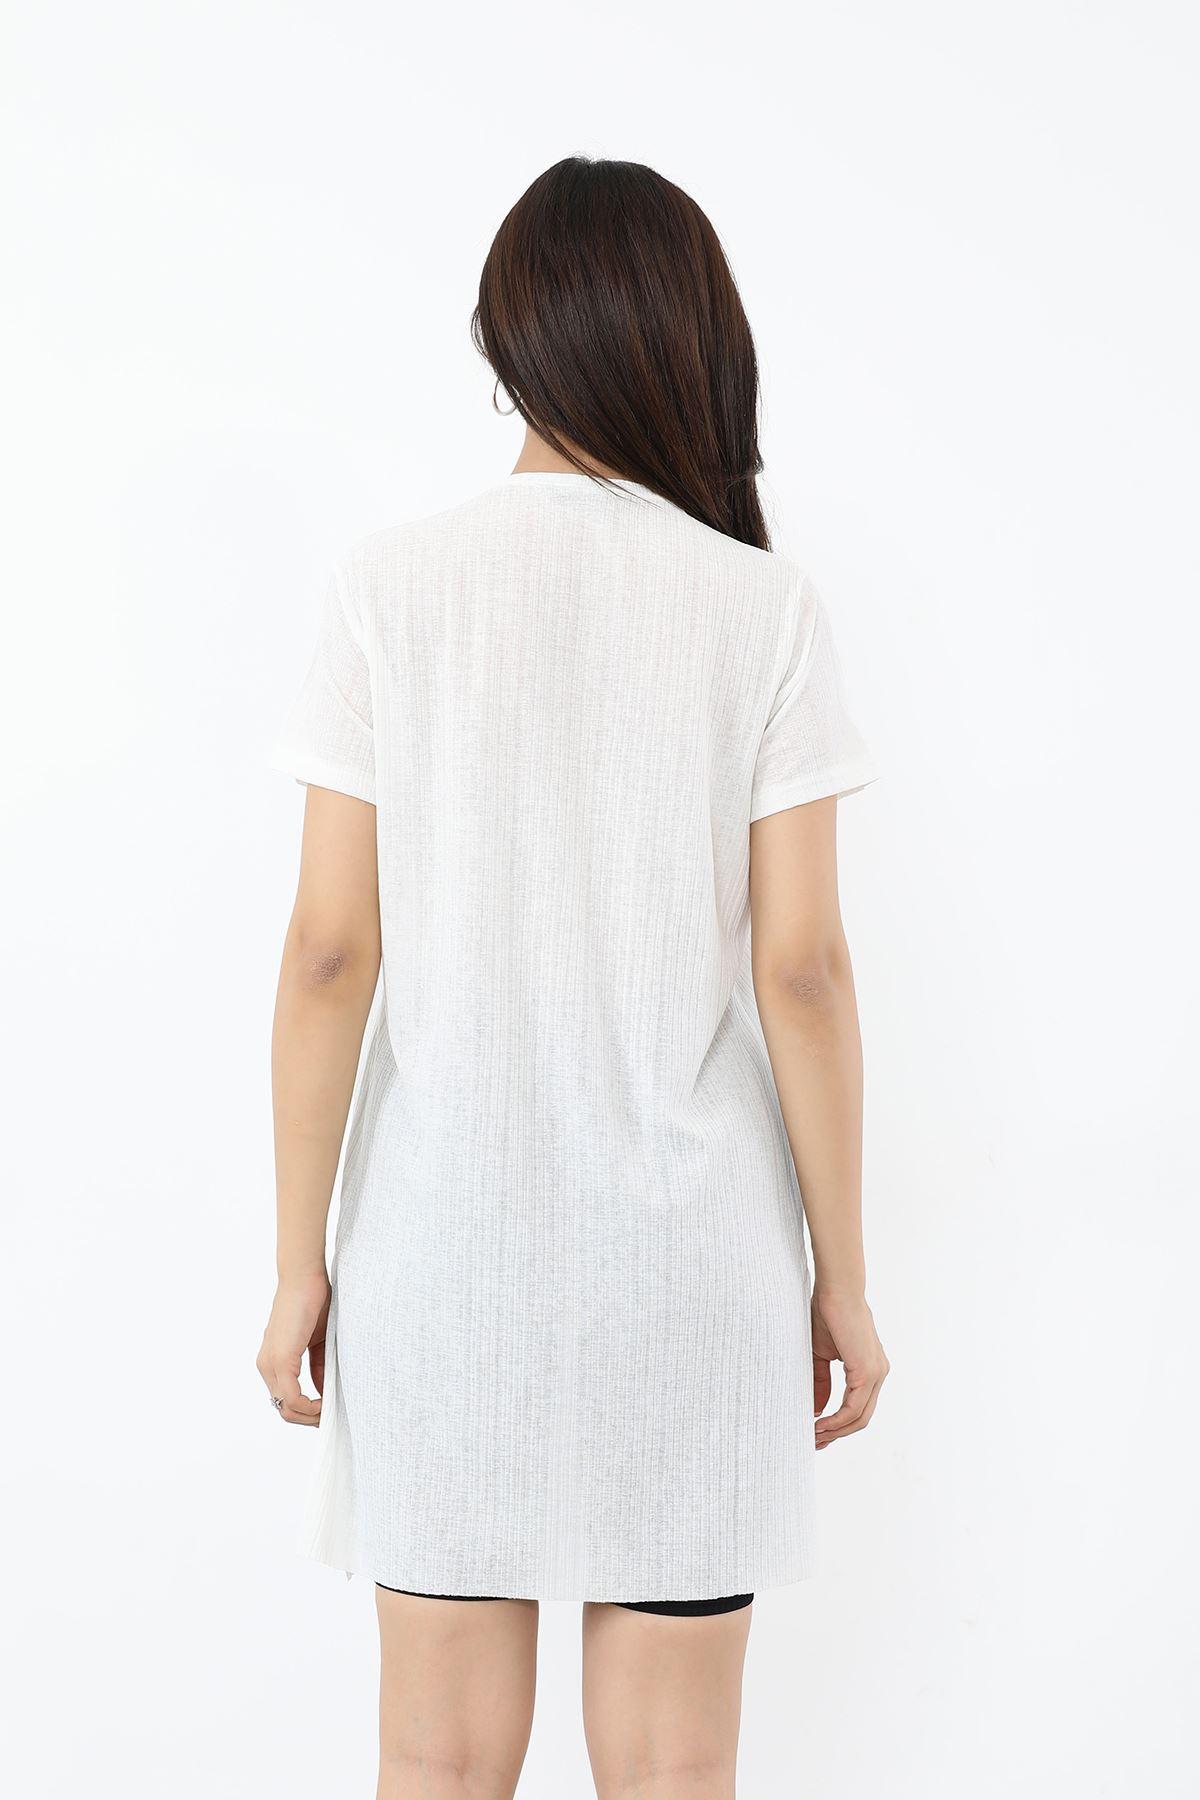 Ases Baskılı T-shirt-Ekru